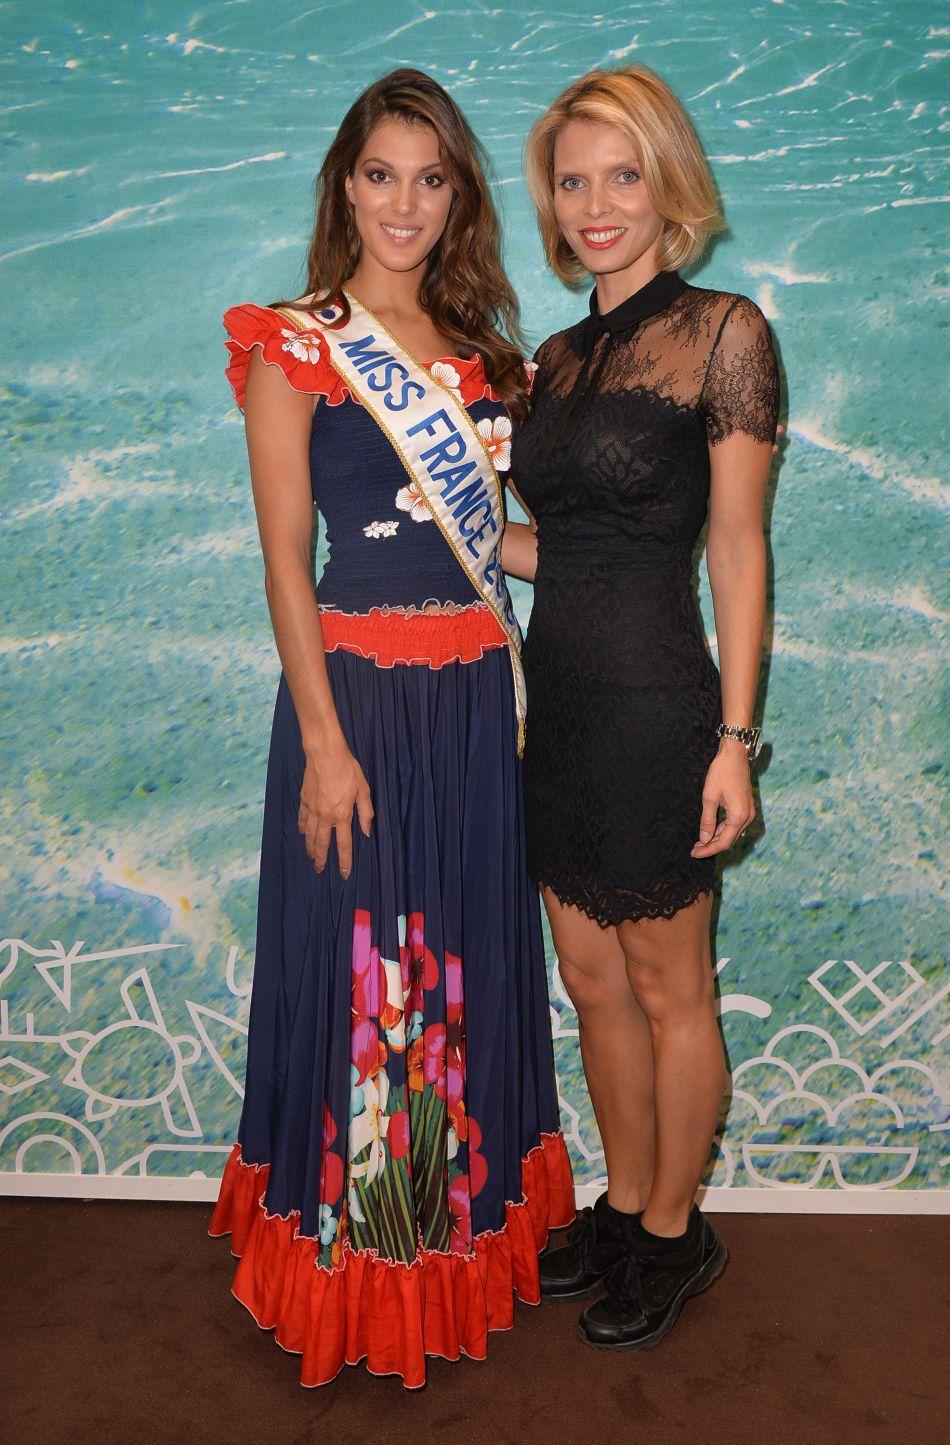 Elue Miss France 2002, Sylvie Tellier est devenue la présidente du comité Miss France.